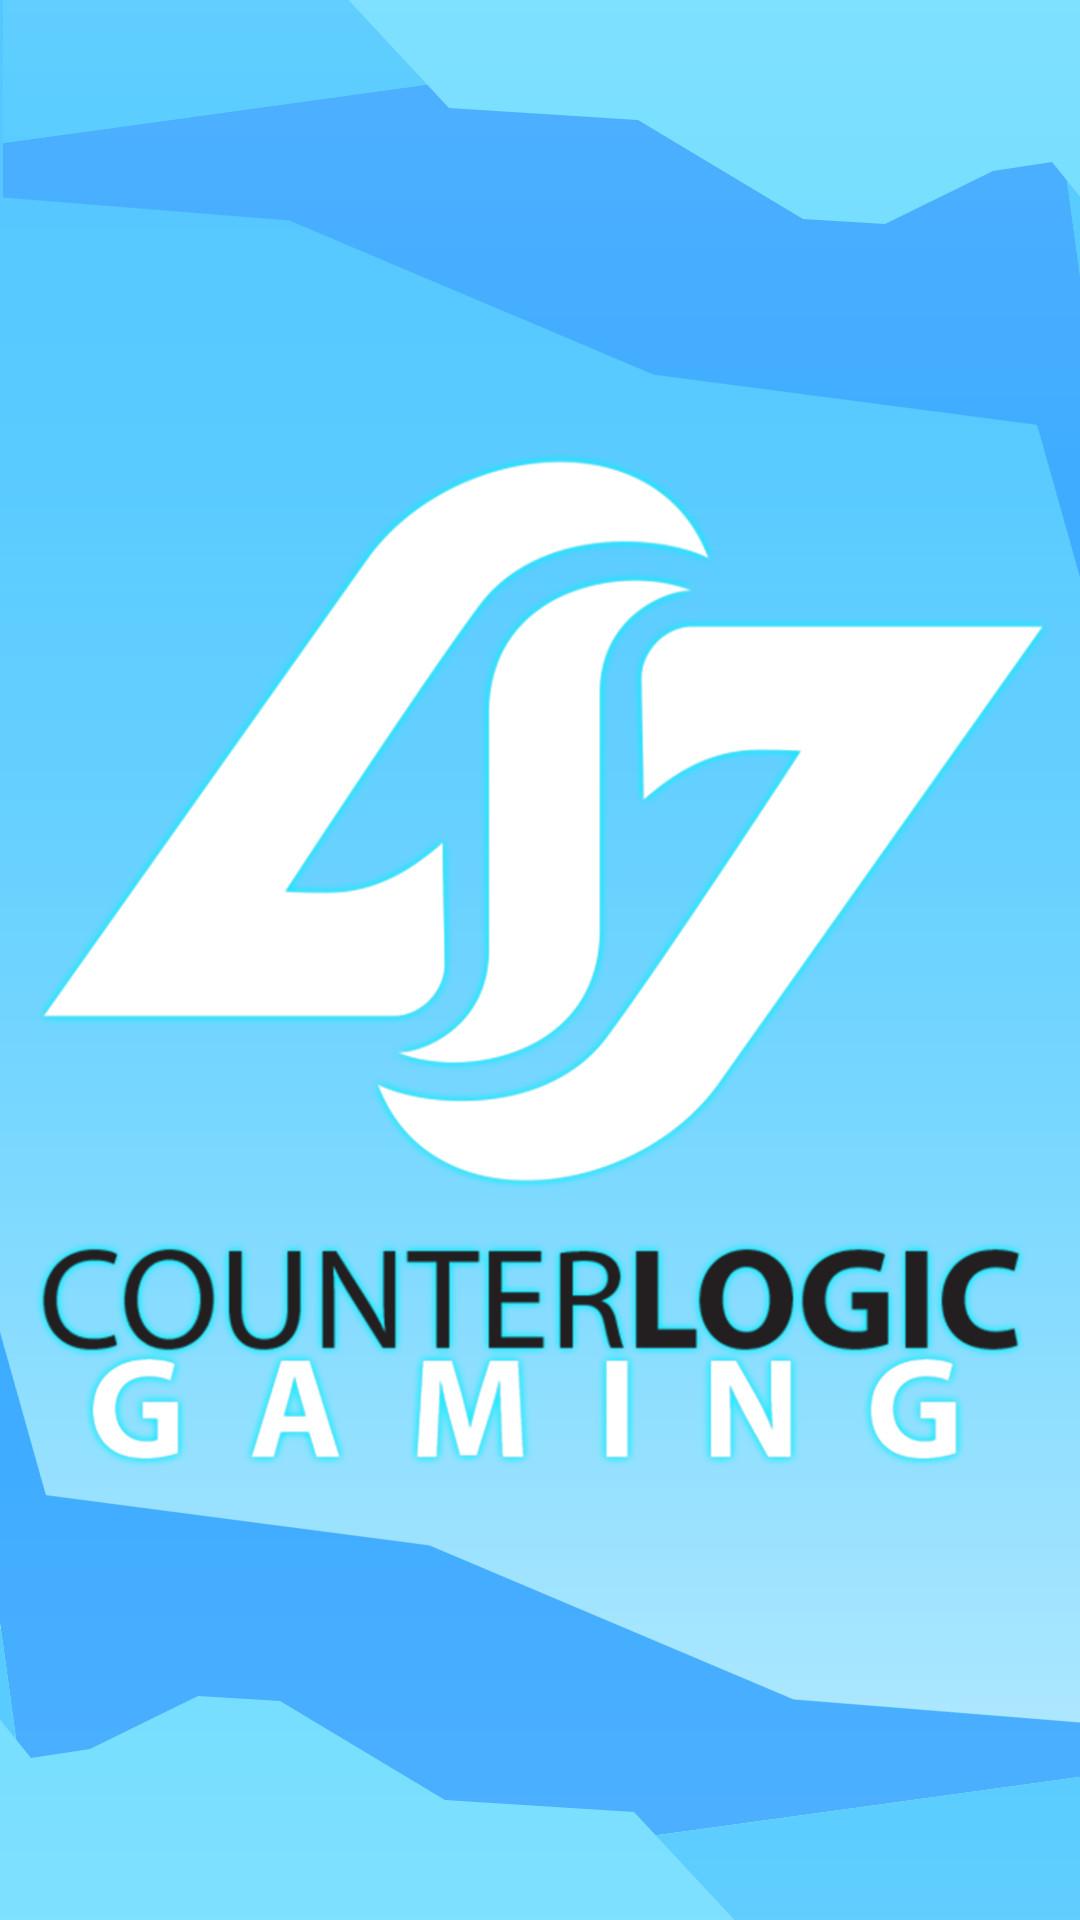 Counter Logic Gaming Mobile Wallpaper